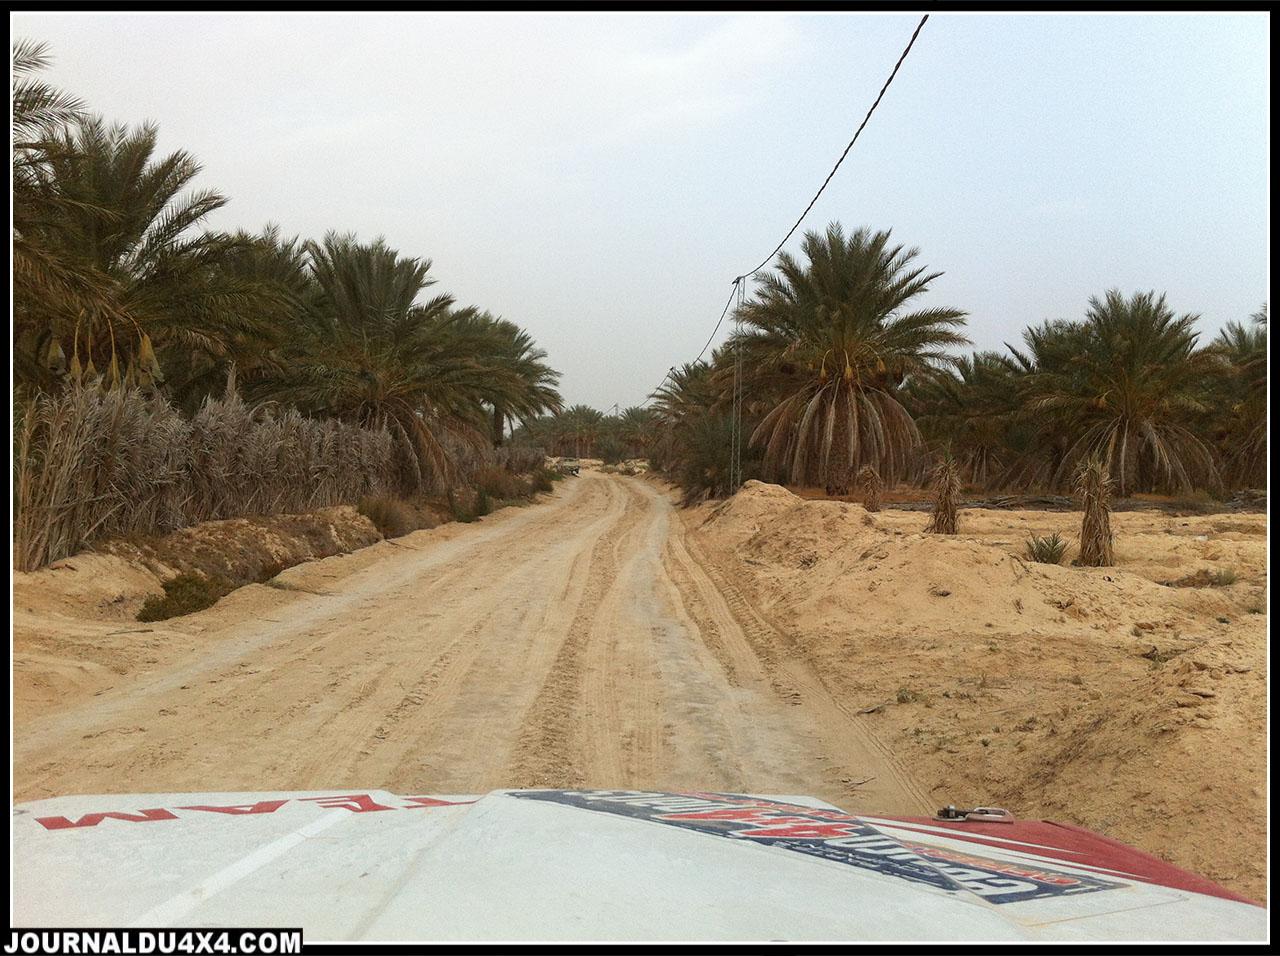 notre GPS nous donnait l'information que nous étions sur une route, si, si, je vous le jure!!!